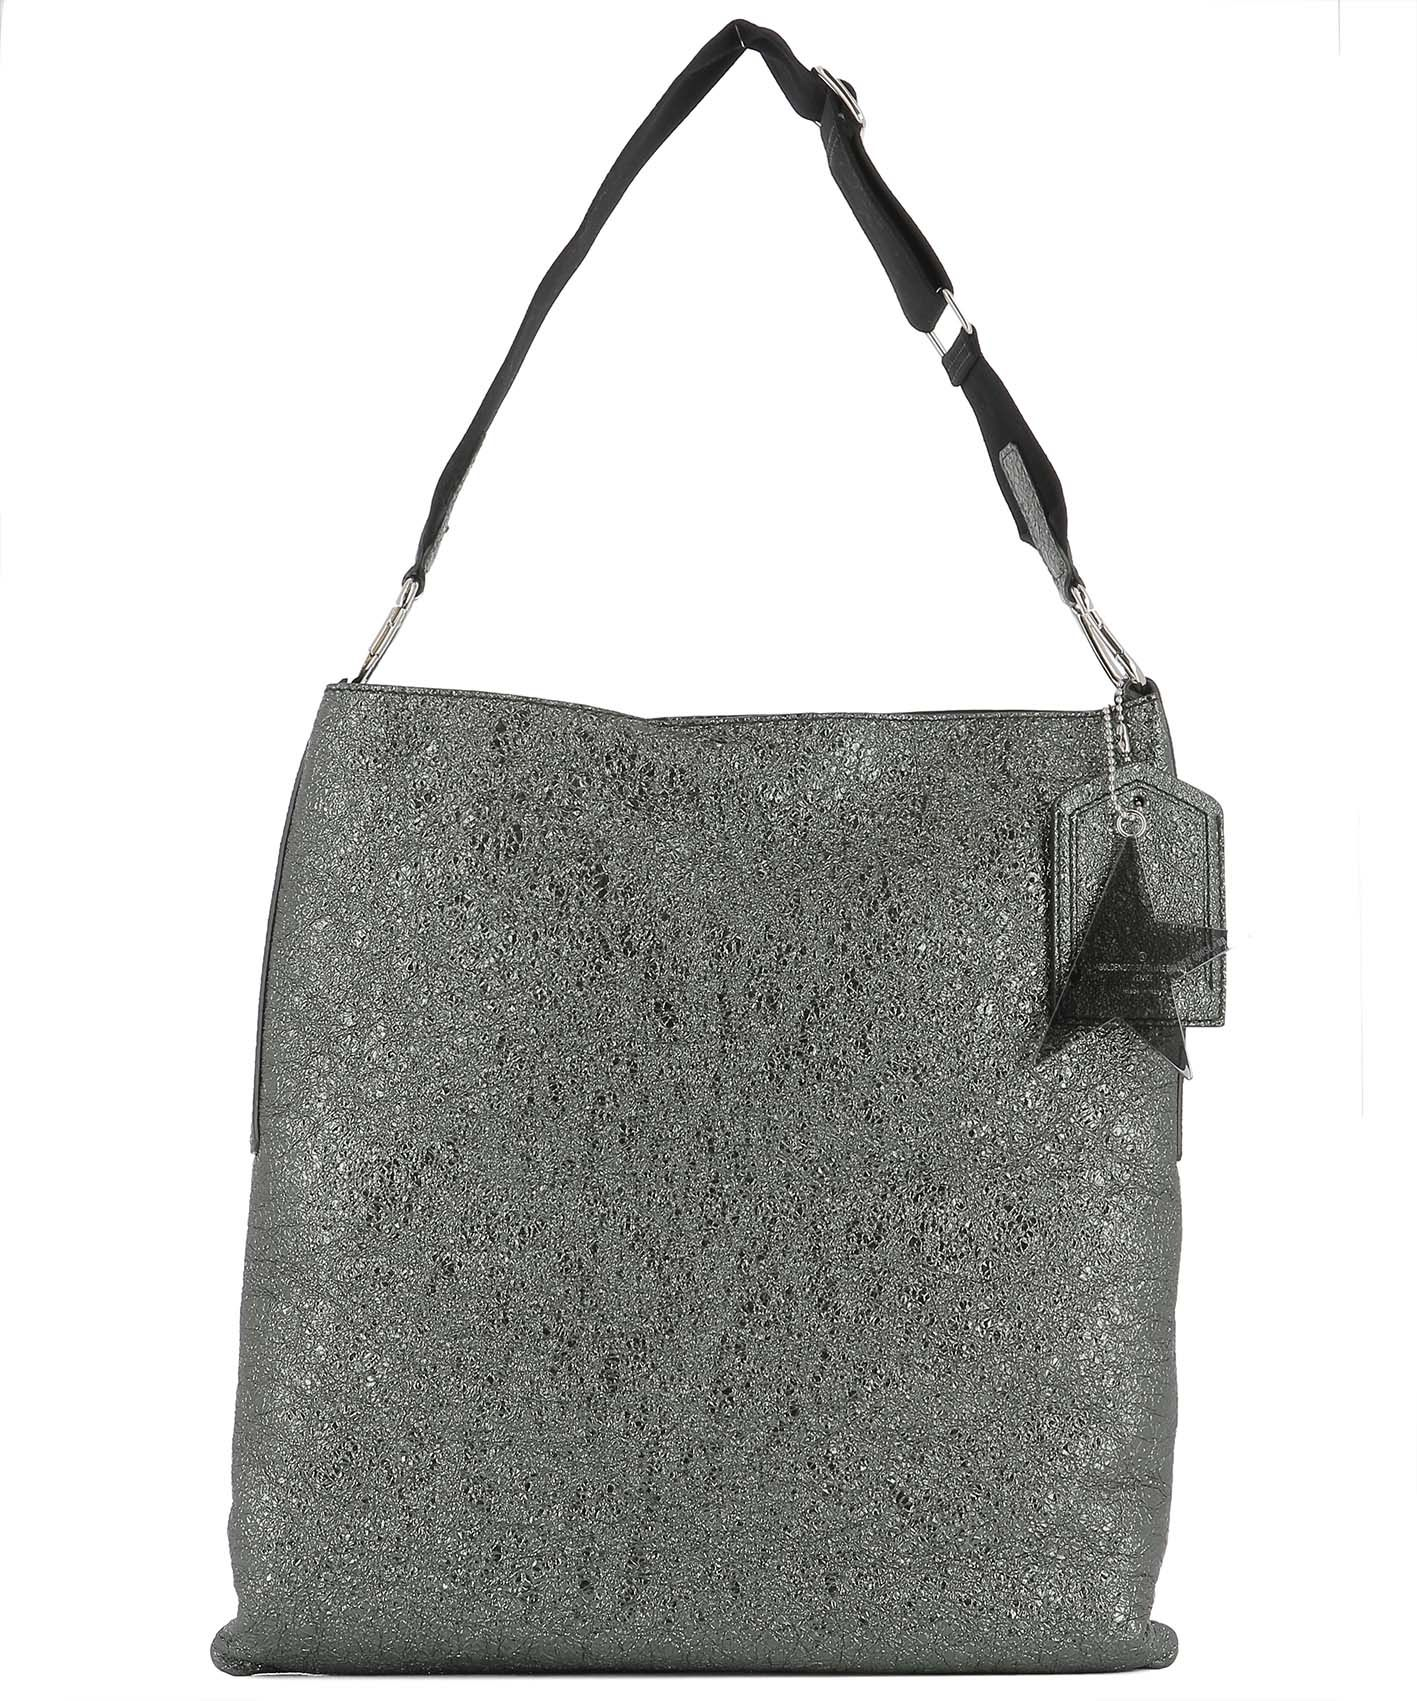 Silver Leather Shoulder Bag